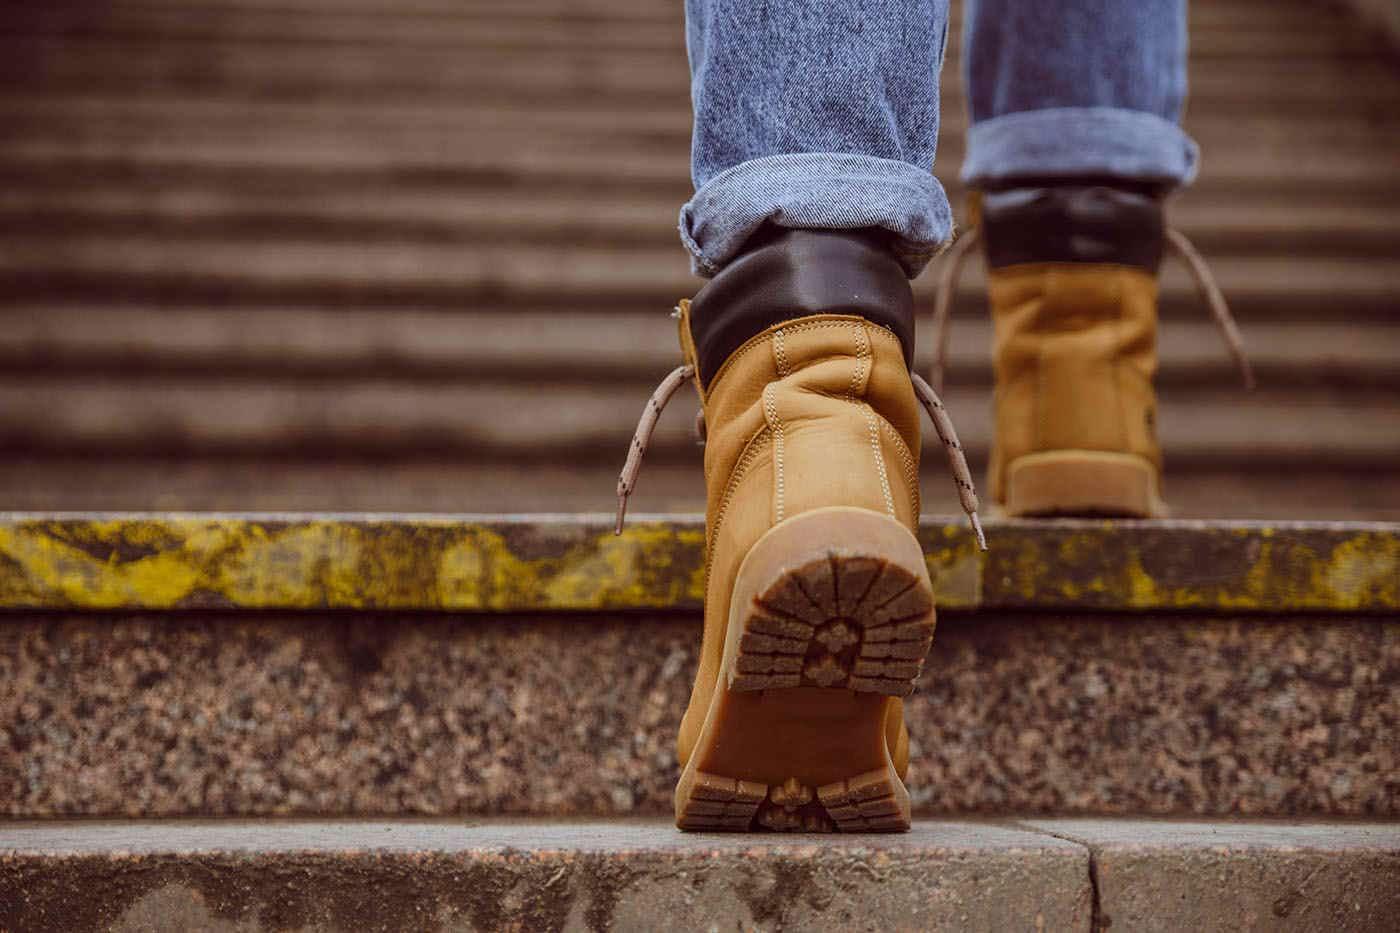 Test pentru inimă: în cât timp urci scările?